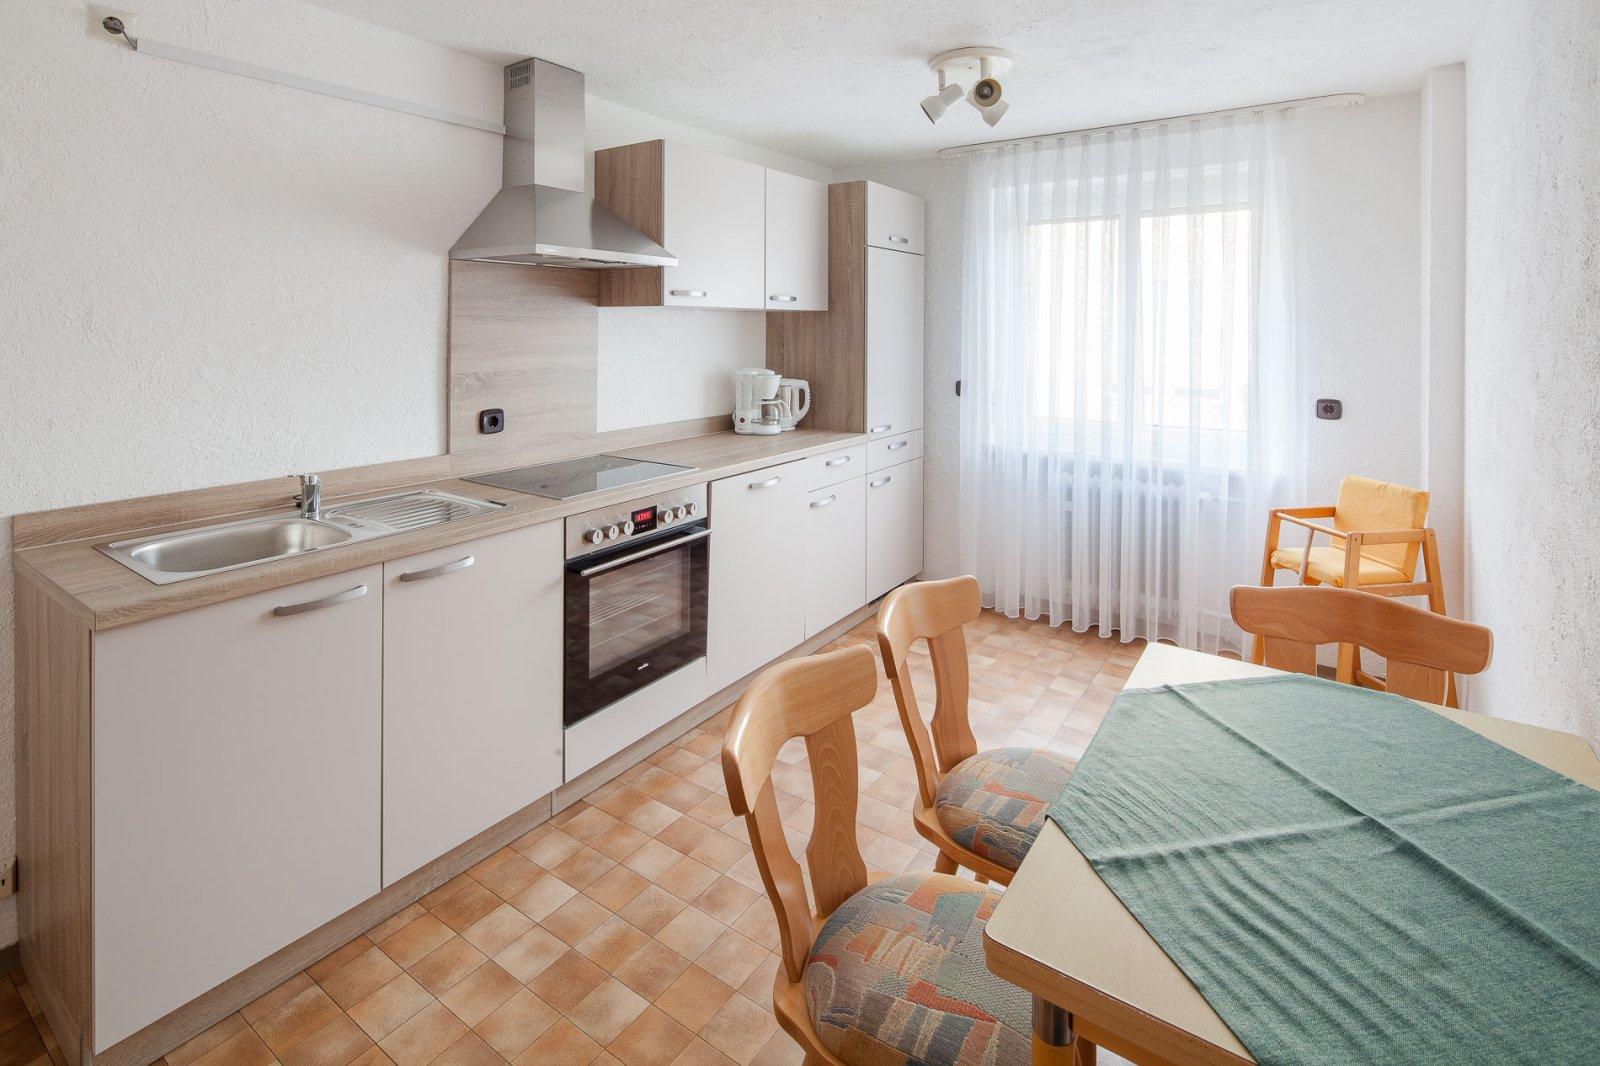 Ferienwohnung sonthofen im kleinen stadthotel for Hotel in sonthofen und umgebung